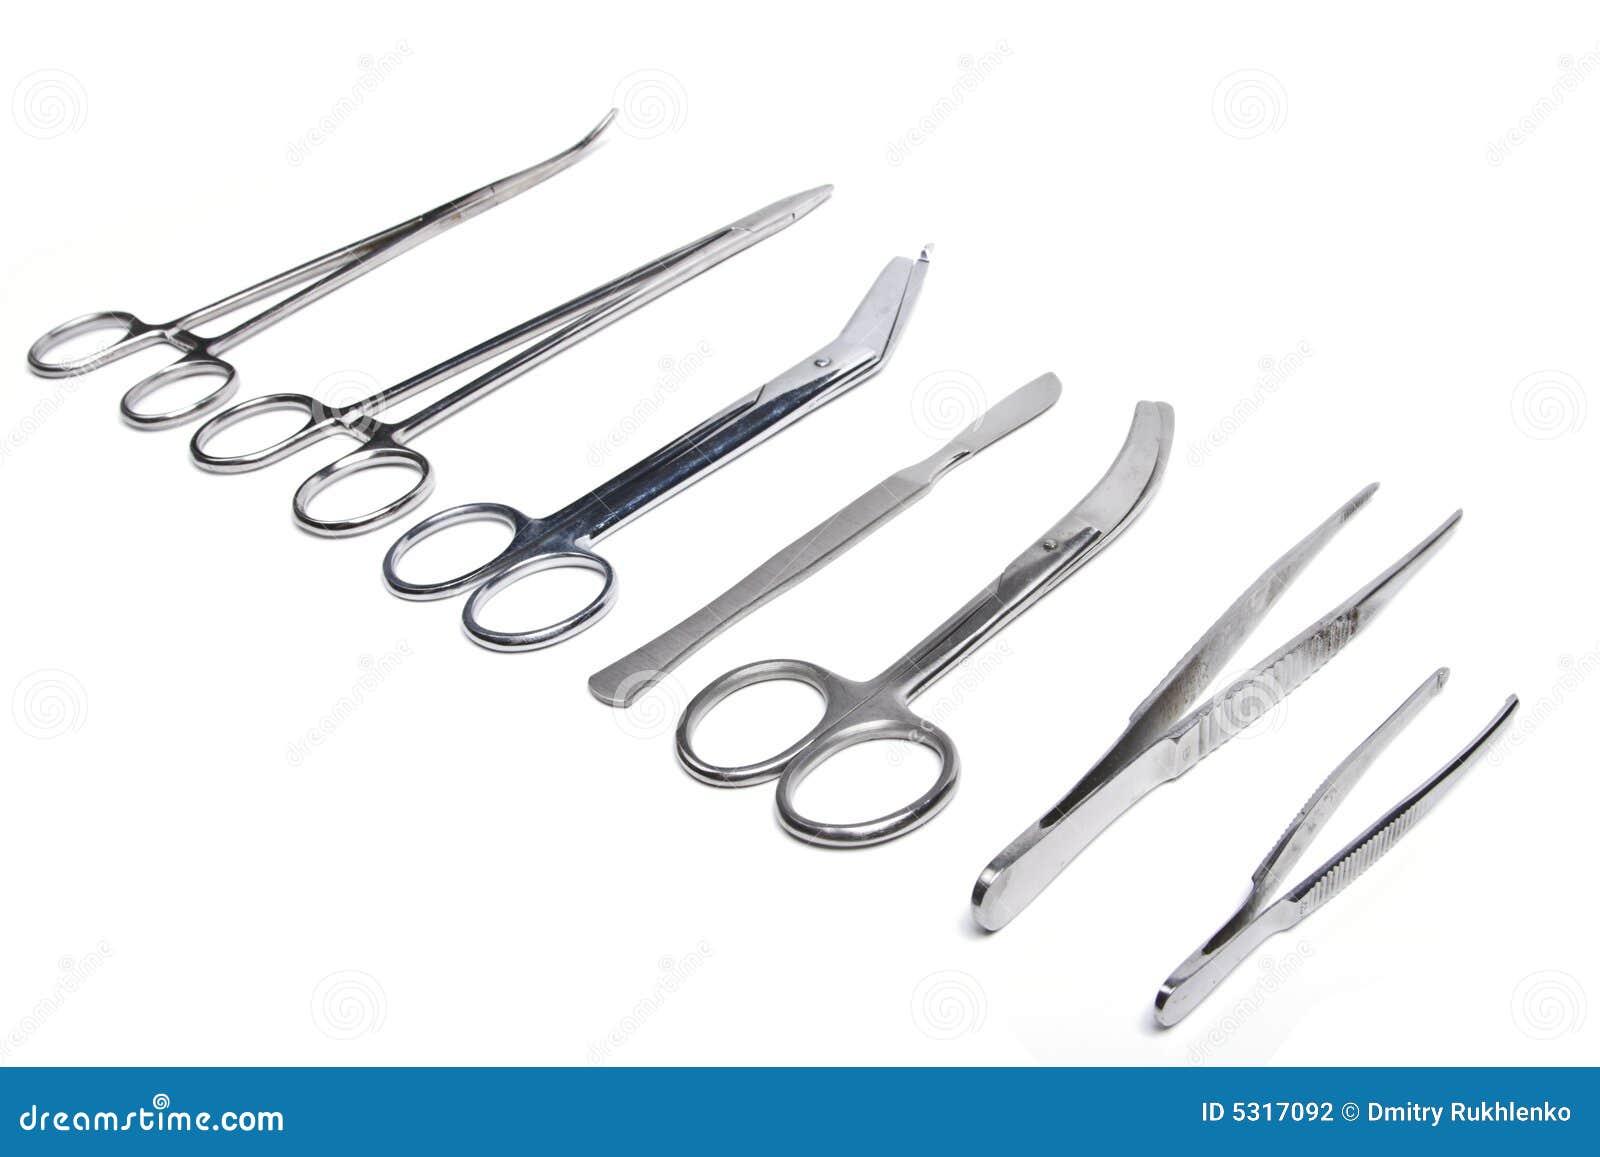 Download Strumenti Chirurgici Isolati Fotografia Stock - Immagine di chirurgico, chirurgo: 5317092